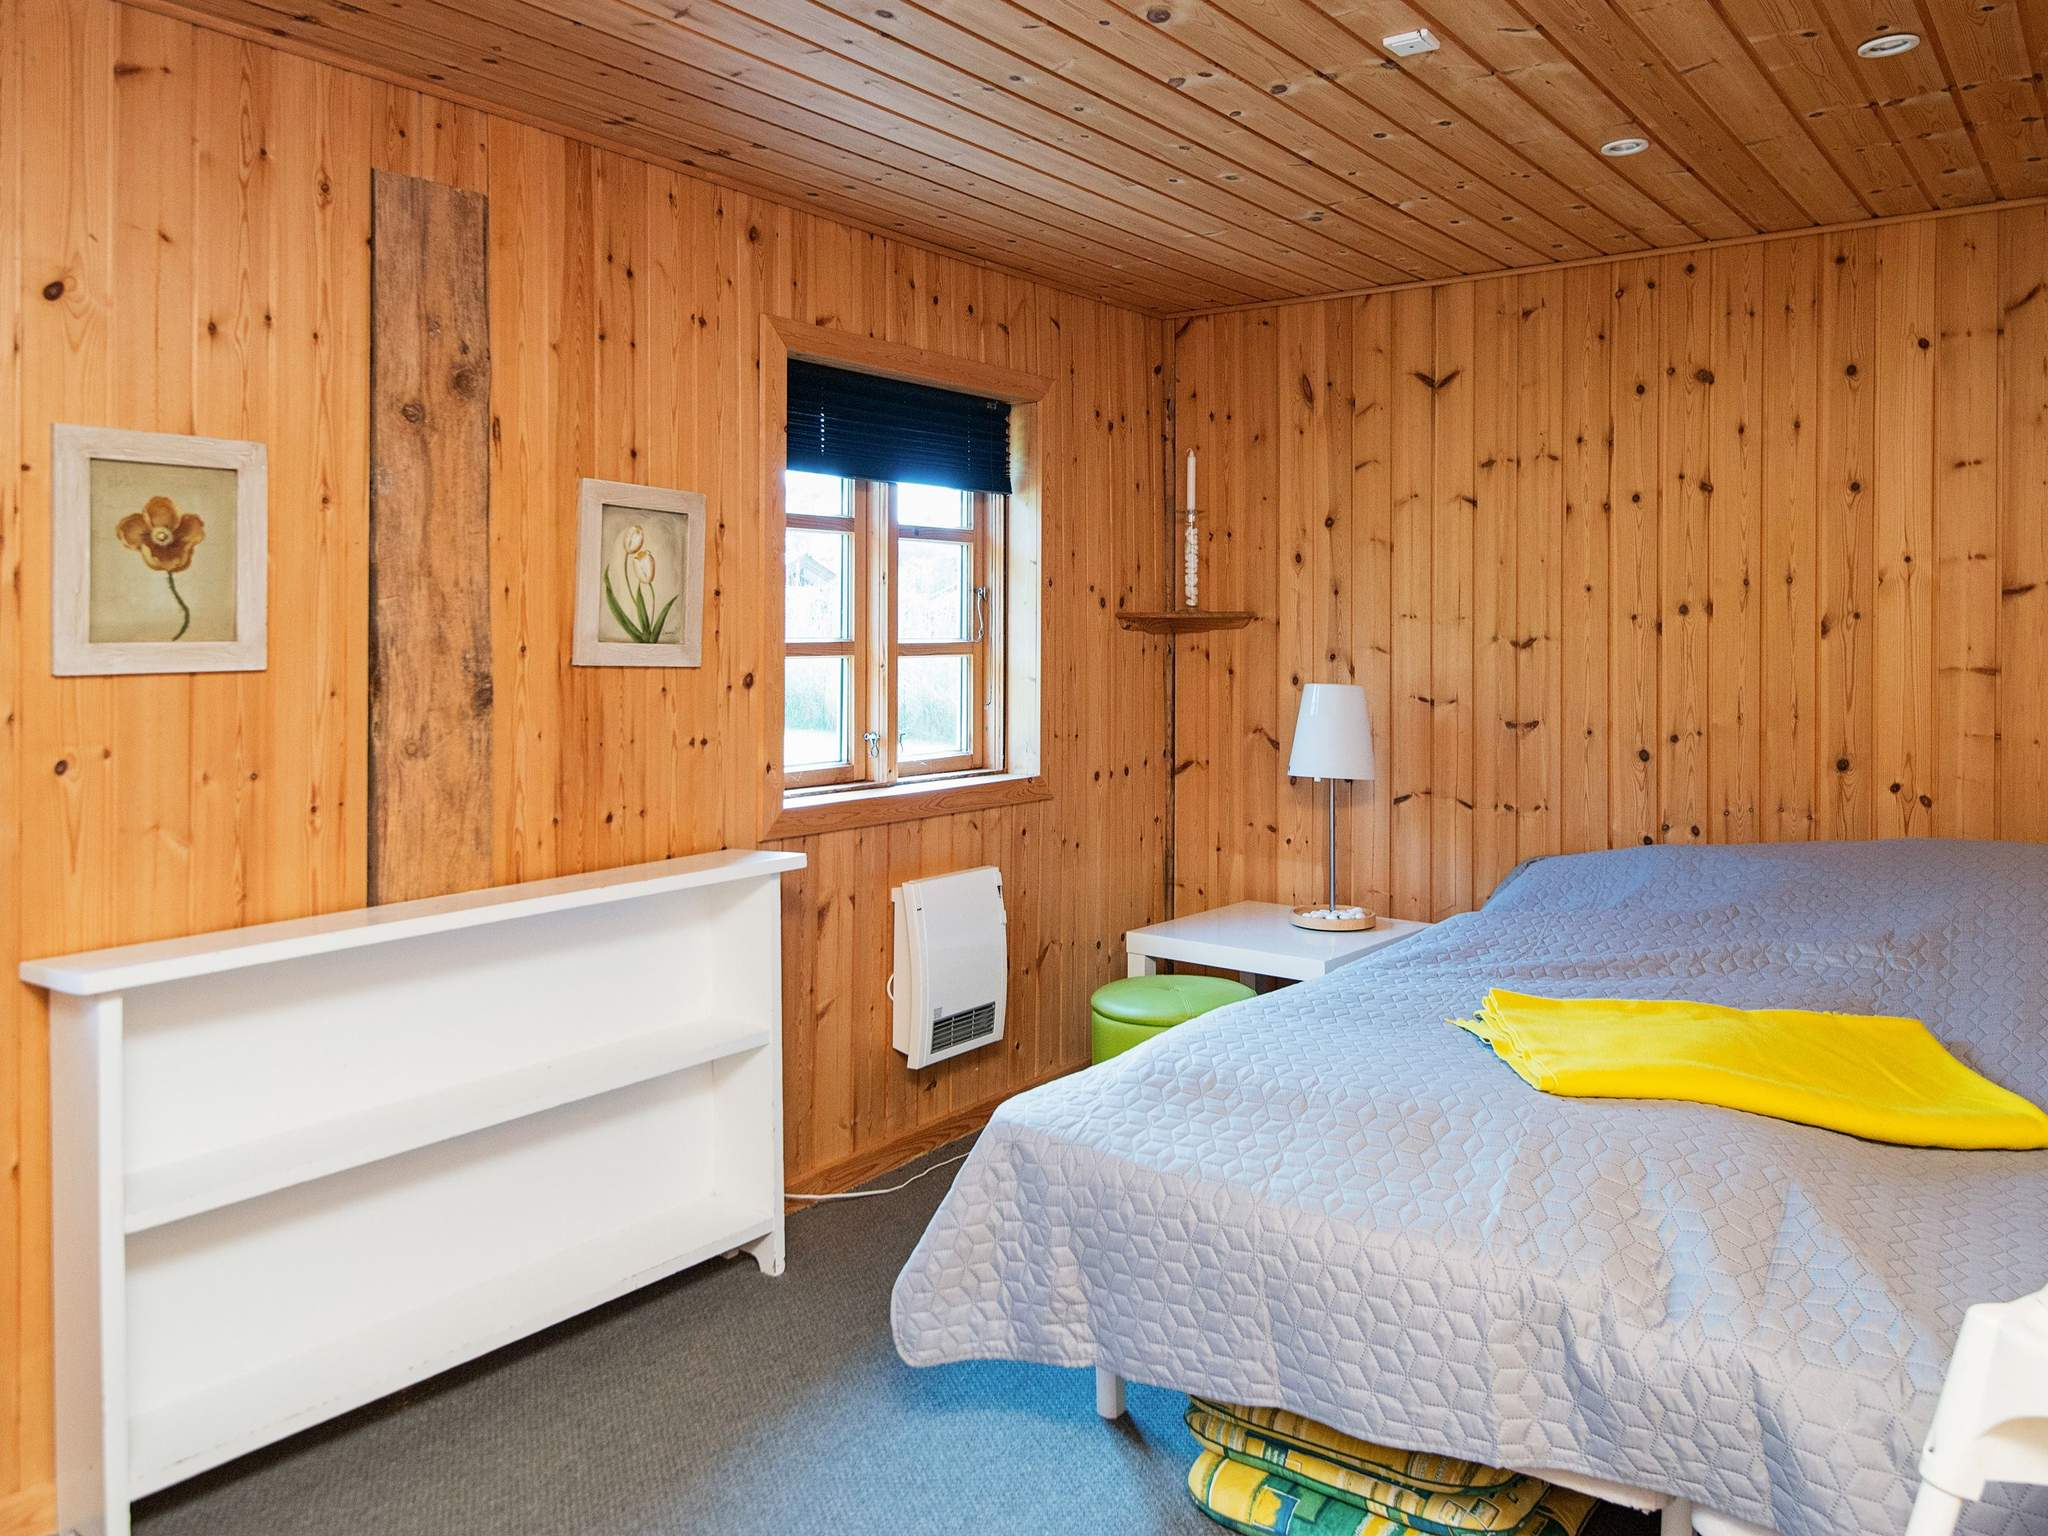 Ferienhaus Bønnerup Strand (438557), Bønnerup, , Ostjütland, Dänemark, Bild 10